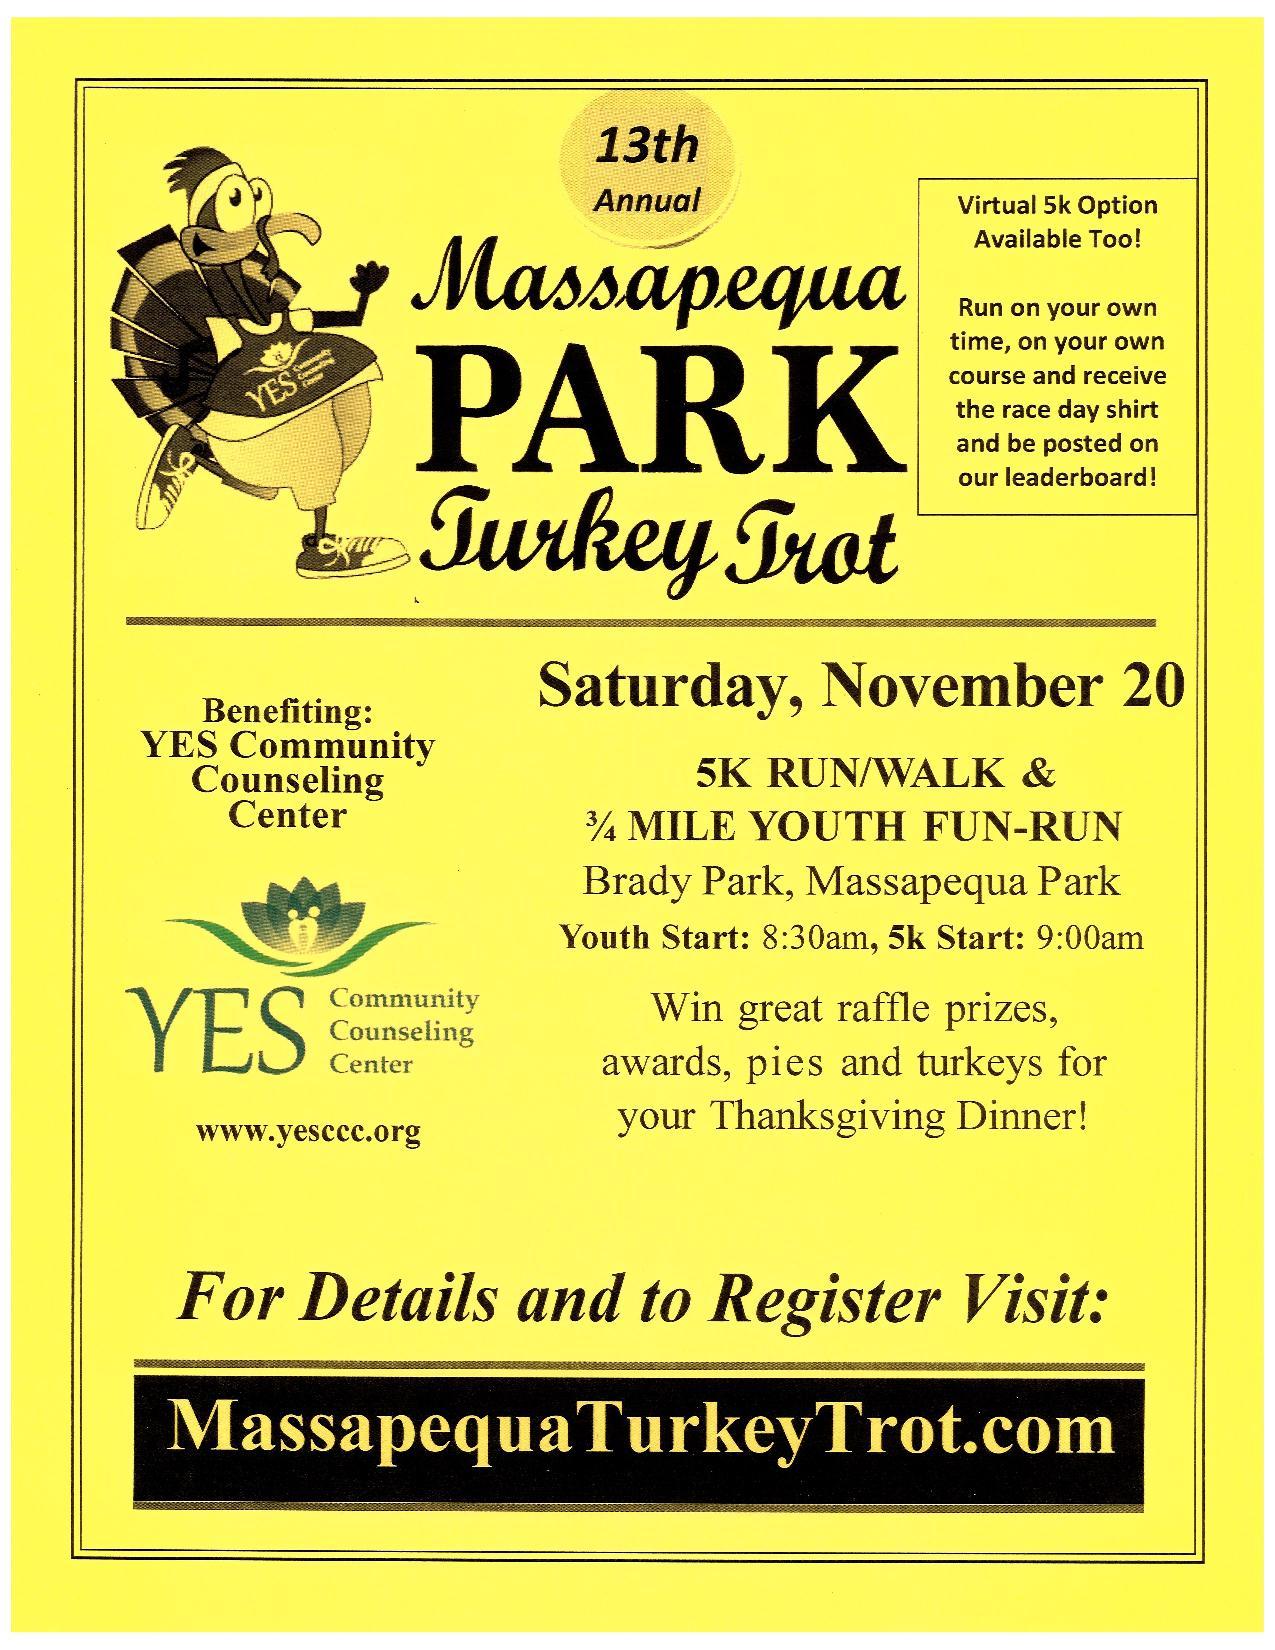 Massapequa Park Turkey Trot @ Brady Park